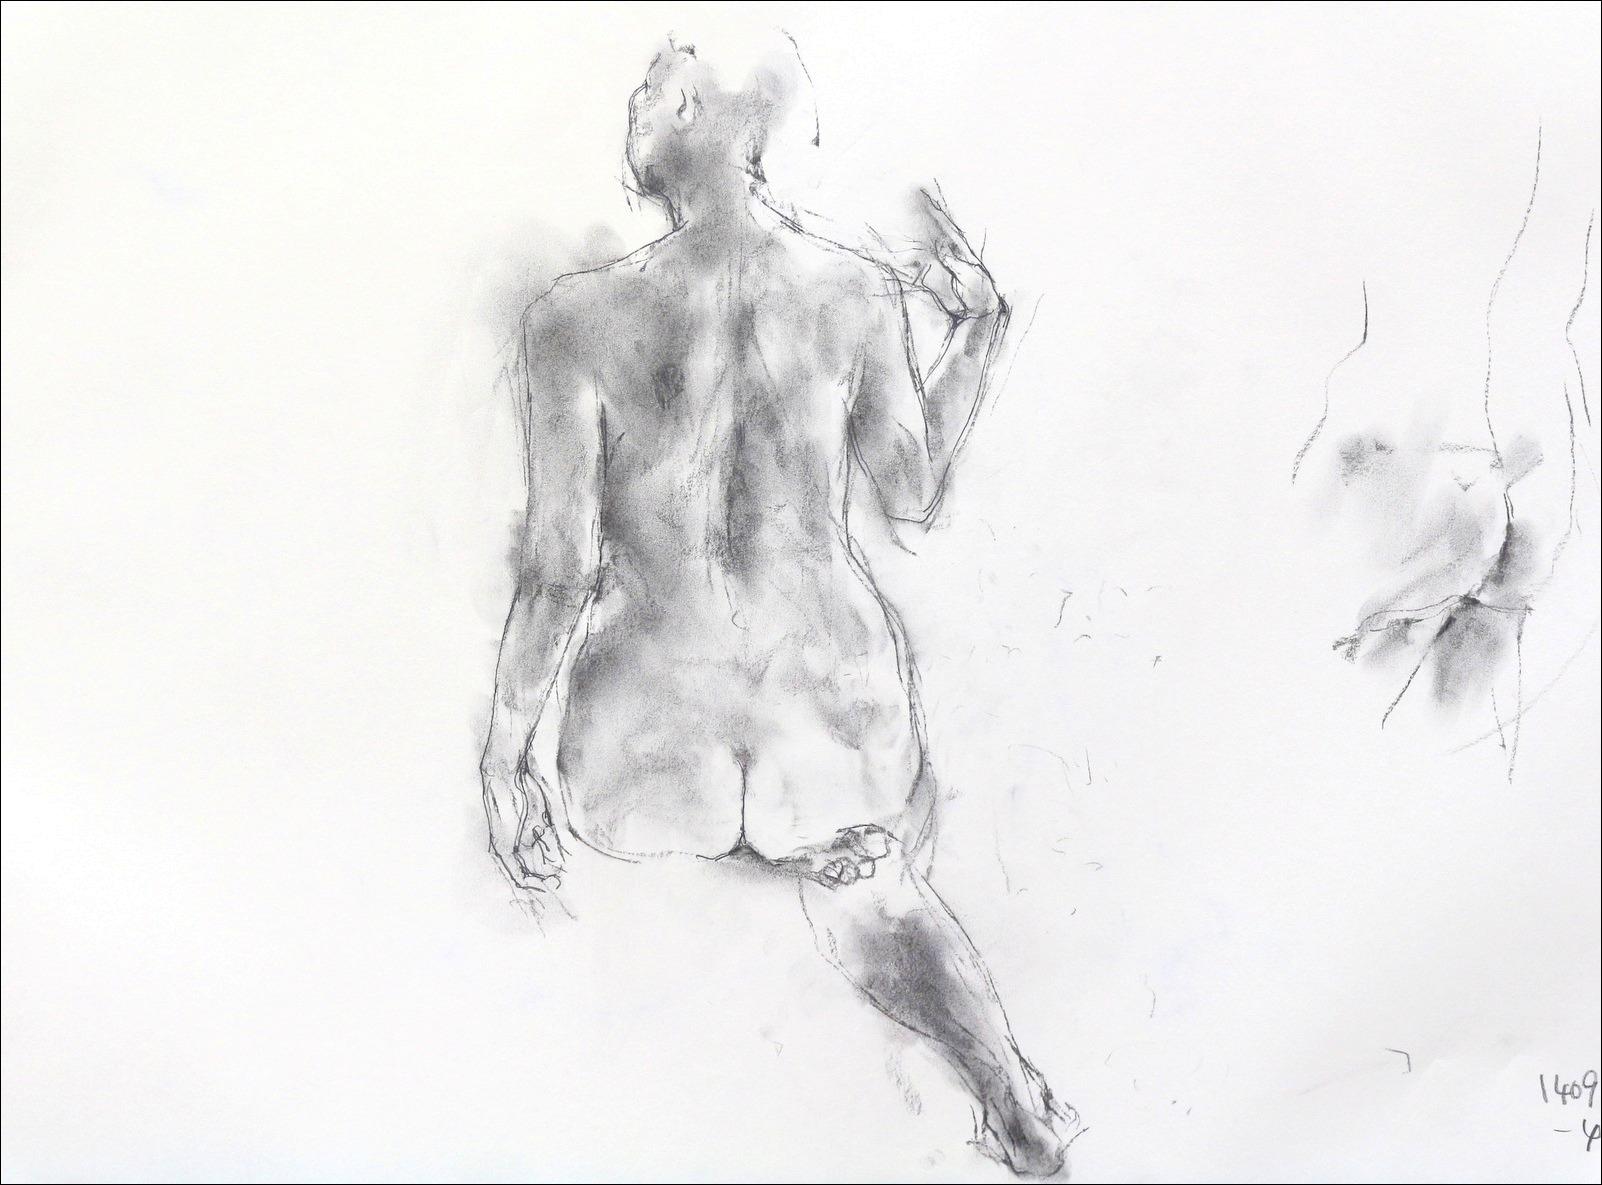 《裸婦素描 4 》_f0159856_7471335.jpg